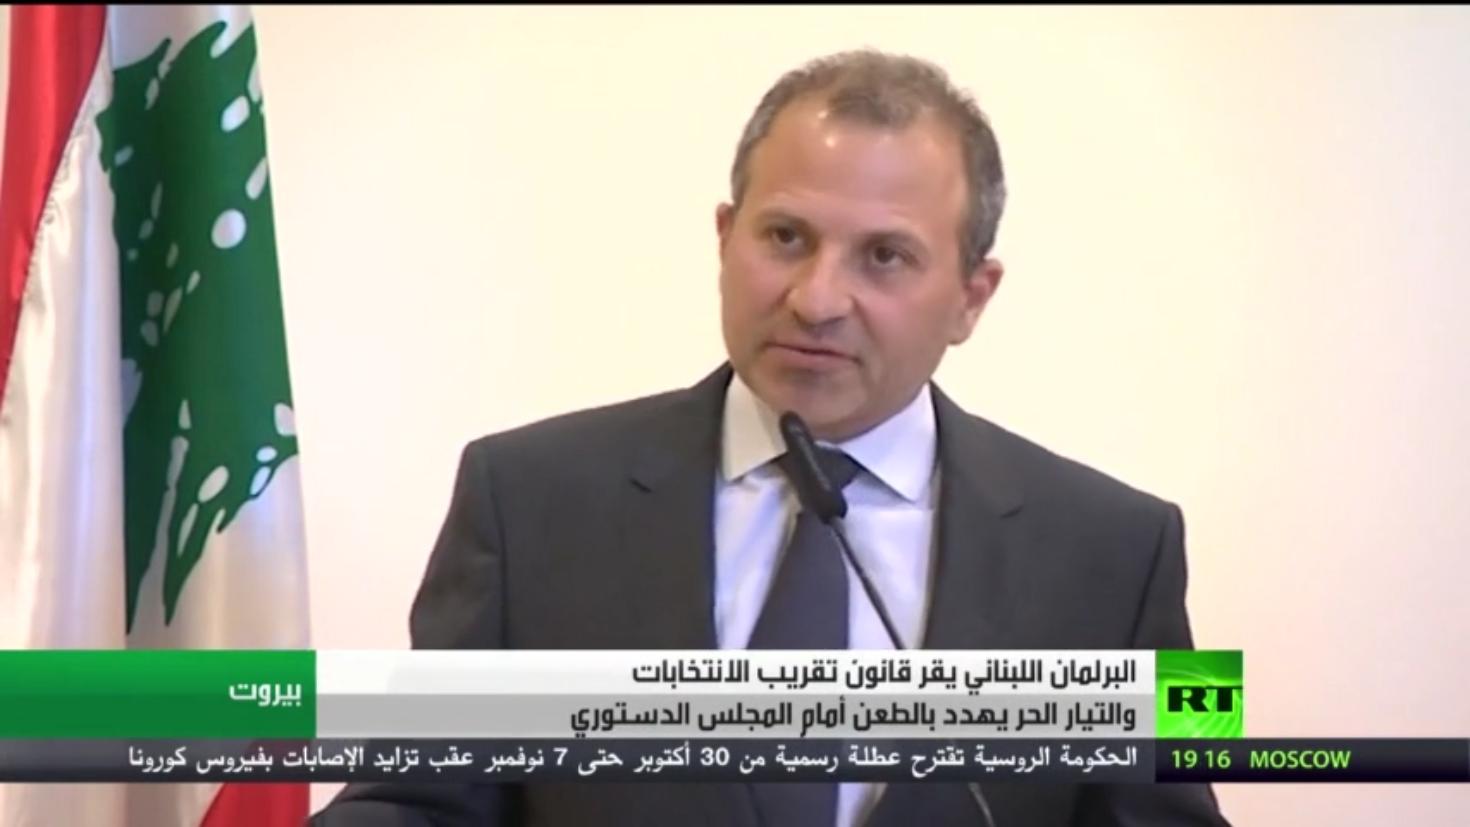 لبنان.. خلافات حول تعديل قانون الانتخاب